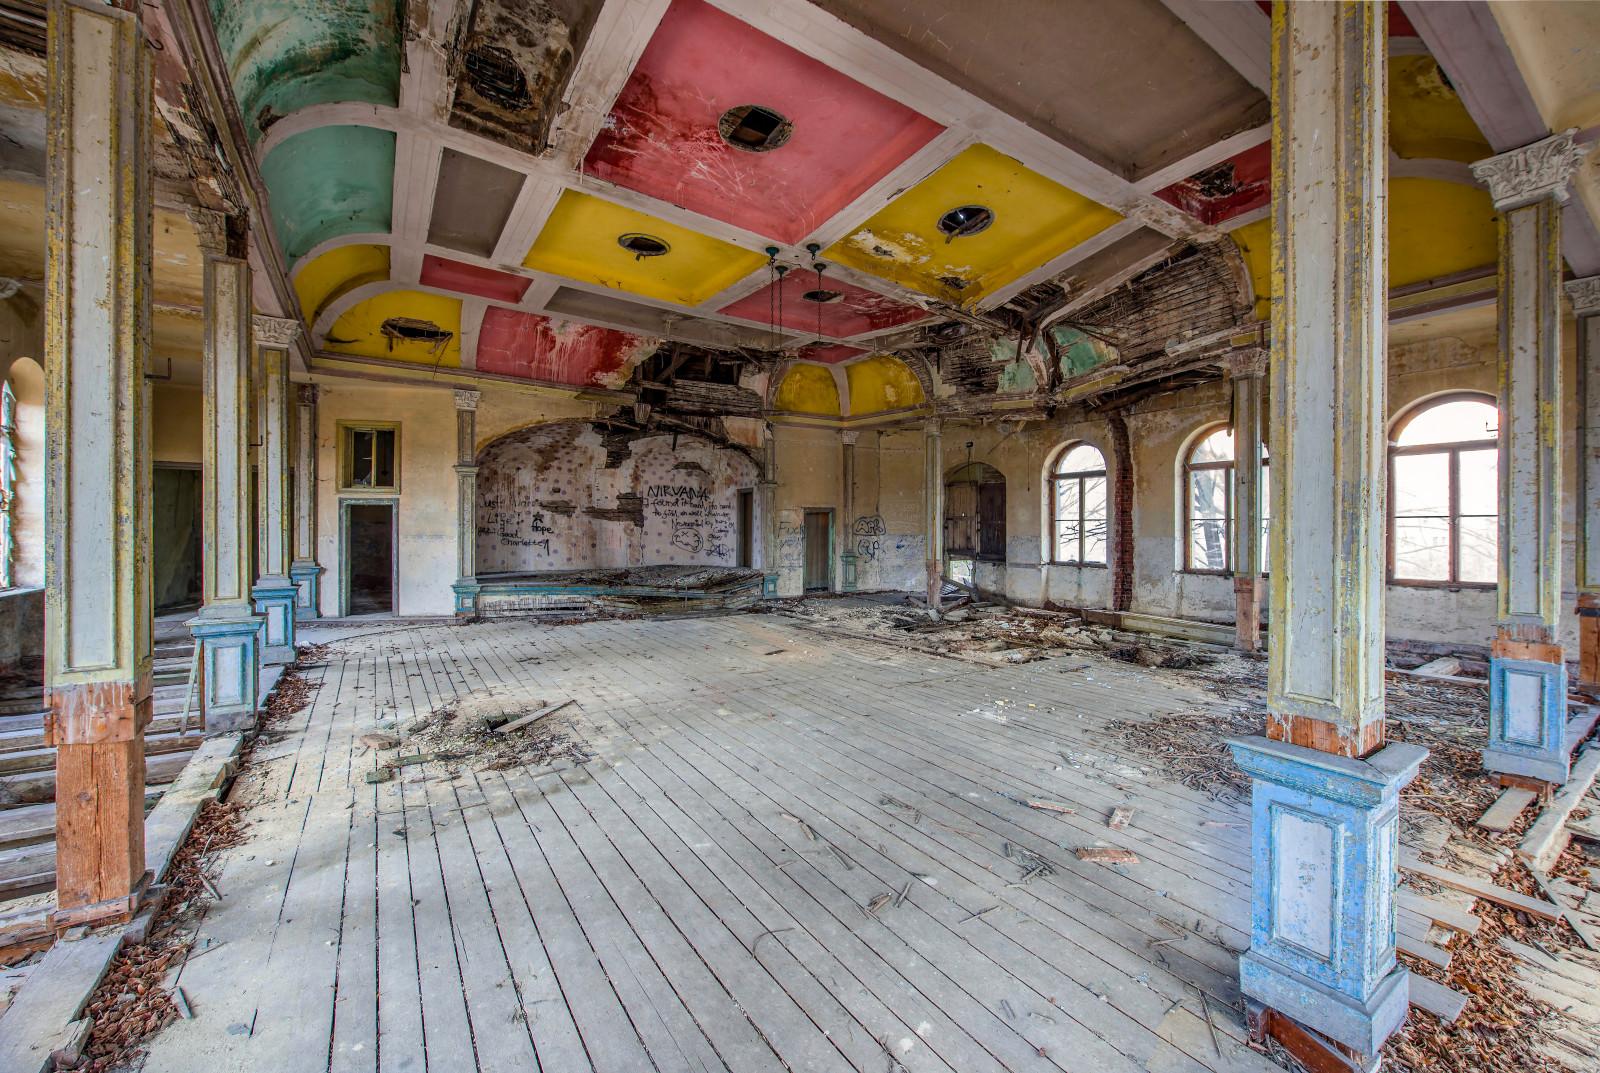 Fondos de pantalla : ventana, arquitectura, edificio, abandonado ...